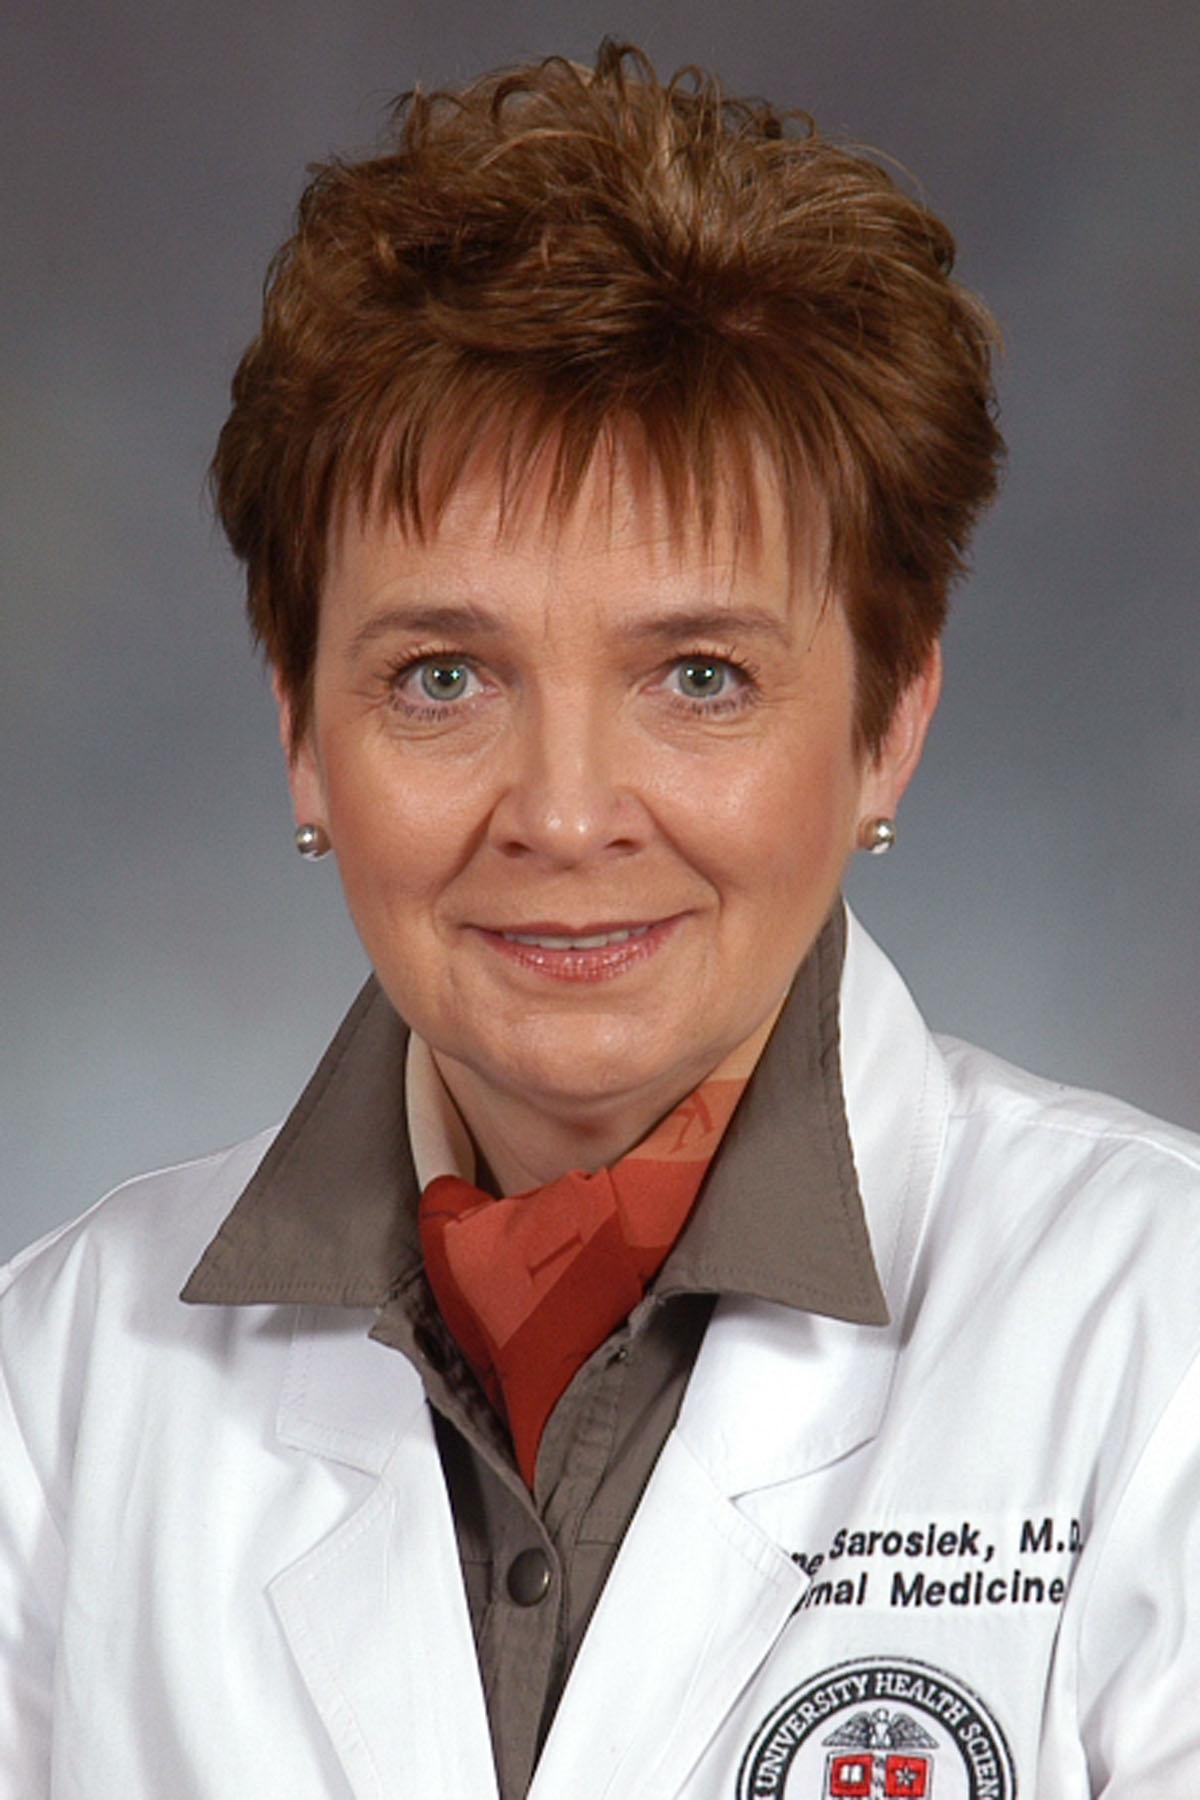 Irene Sarosiek